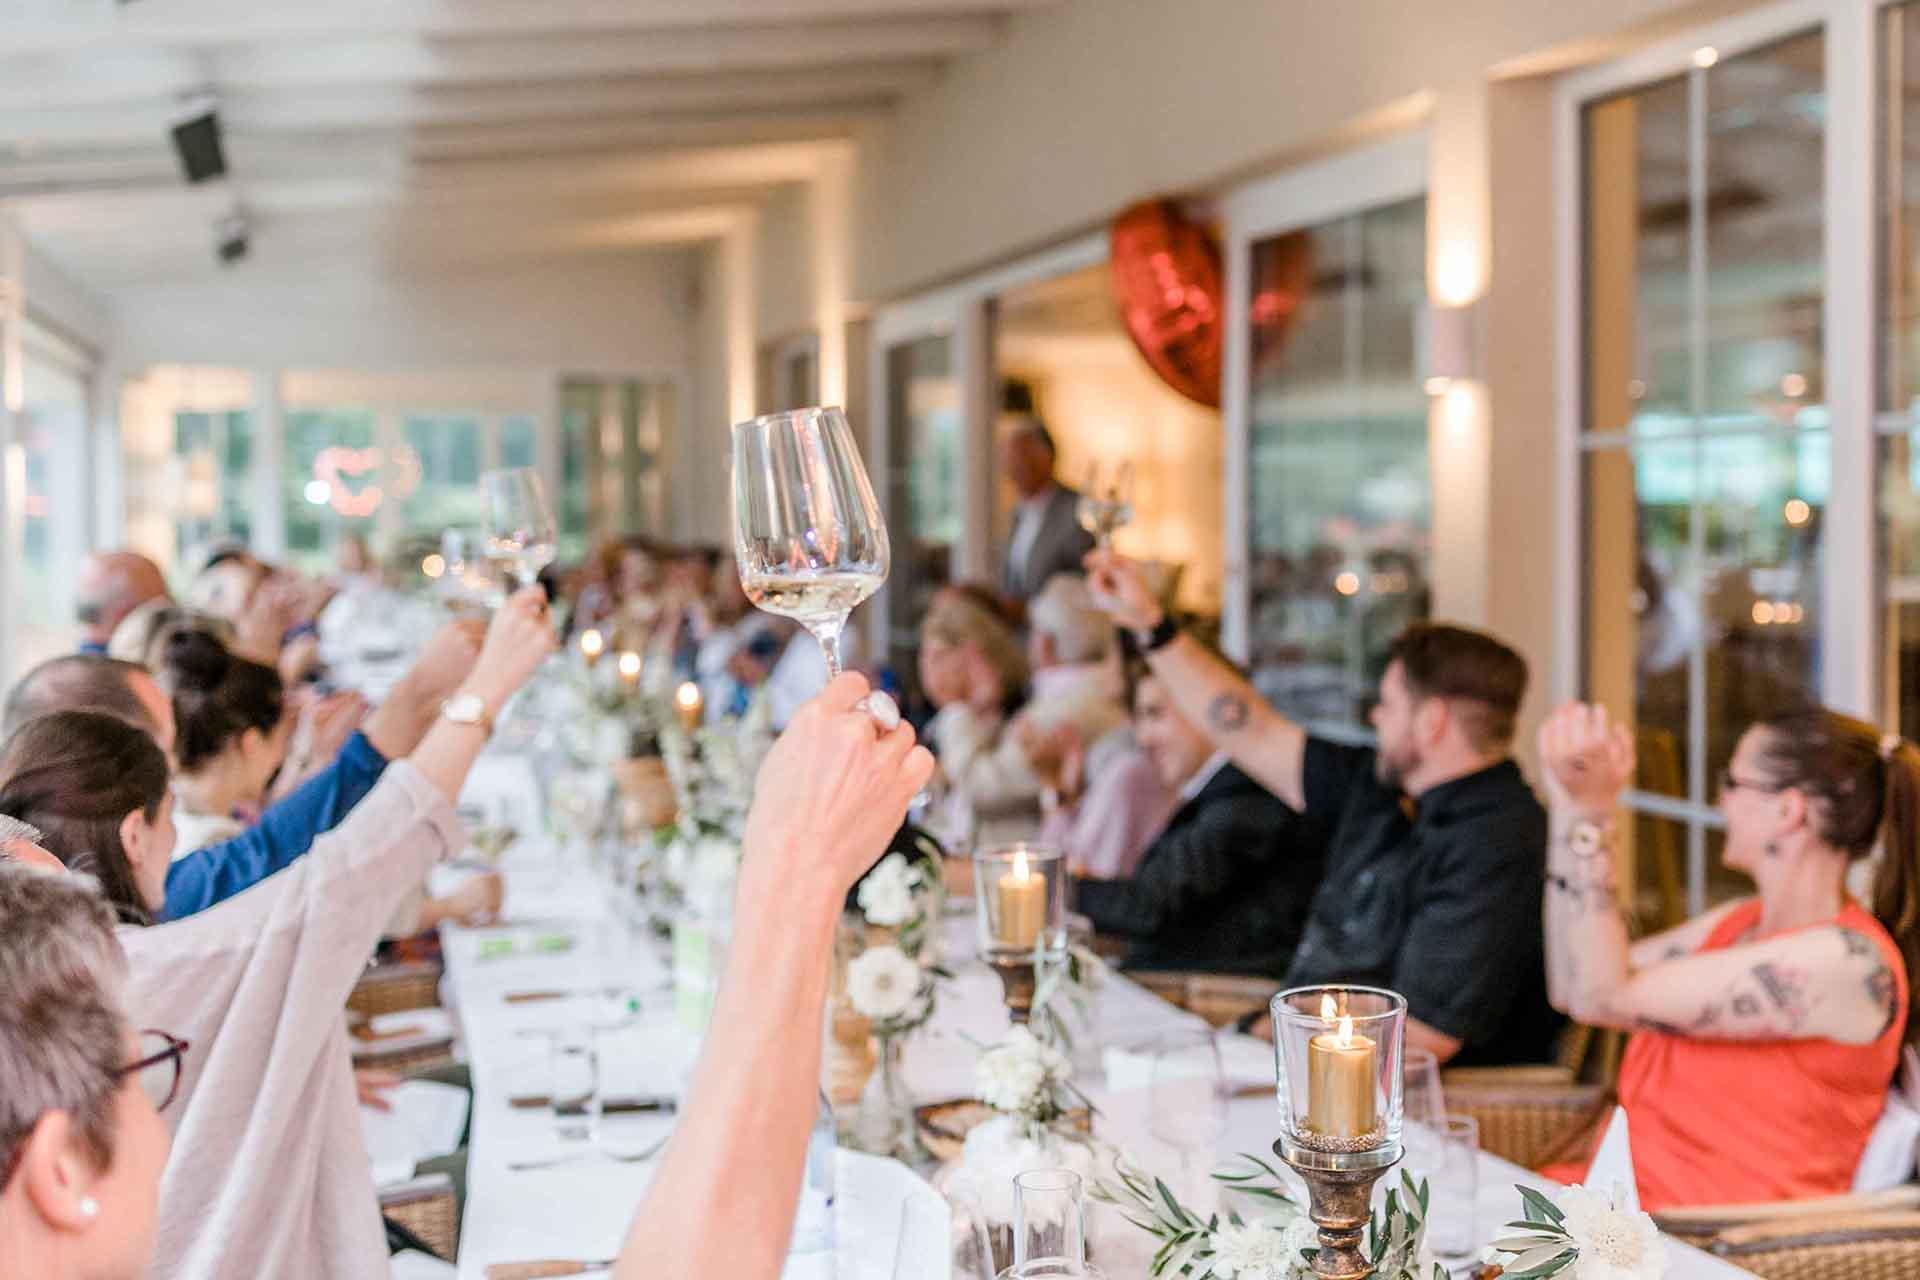 Hochzeitslocation am See Hochzeit Wörthersee heiraten Seeschlössel Velden Wörthersee Fischerhaus feiern